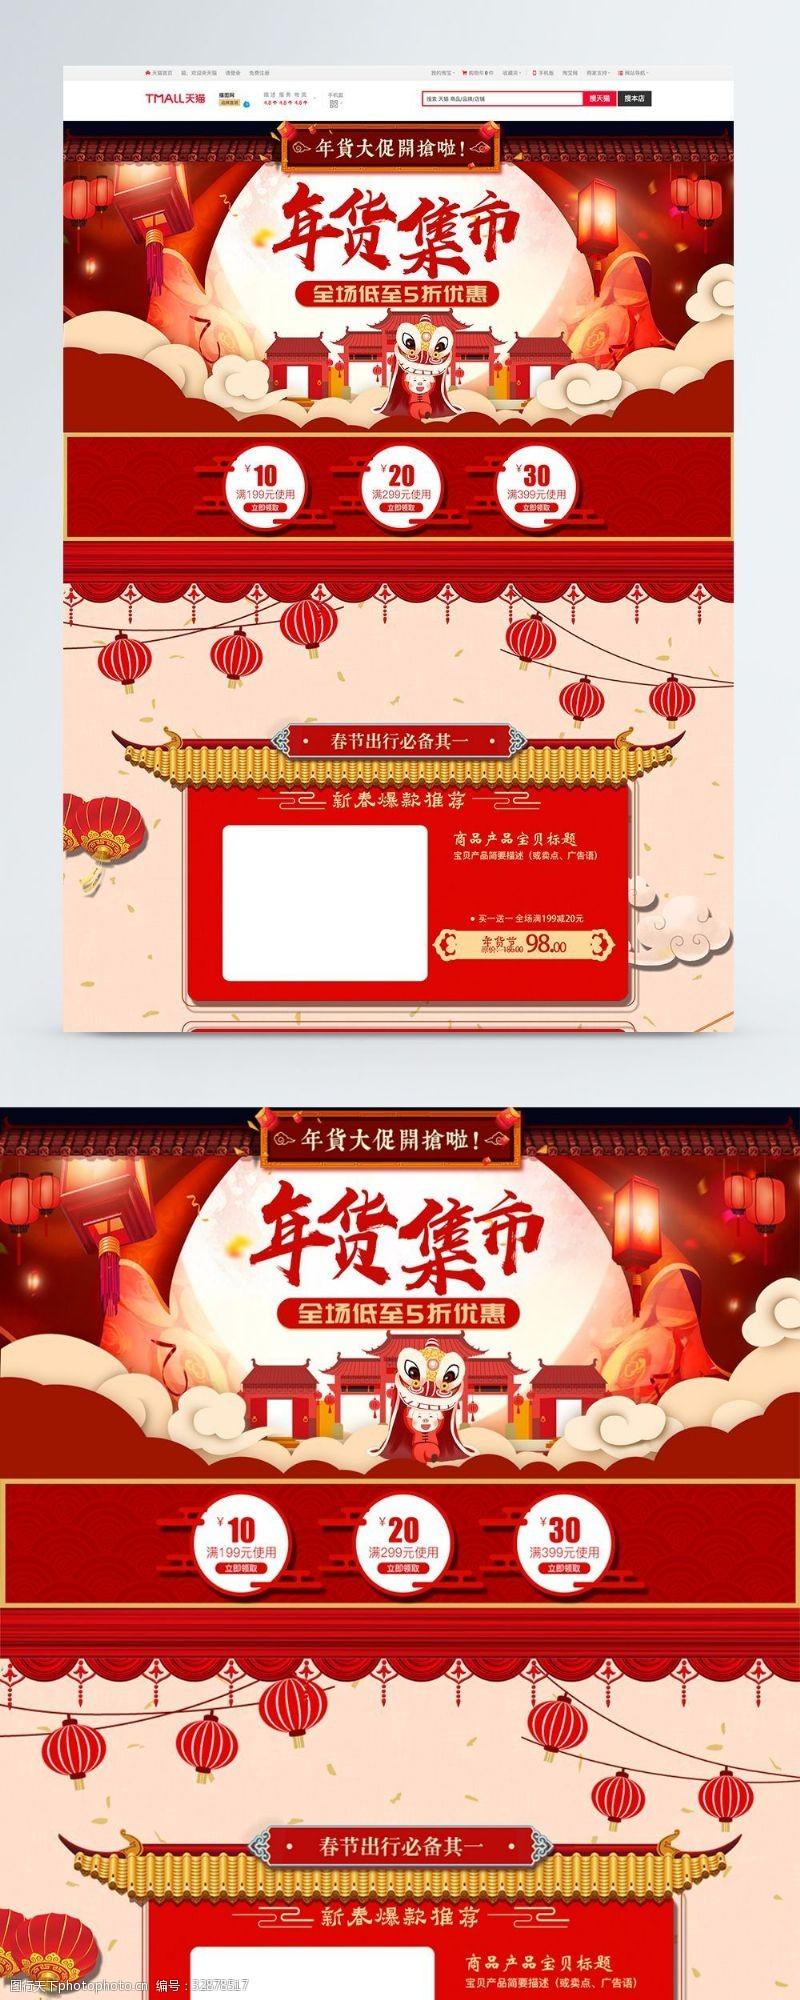 紅色中國風喜慶年貨集市新年促銷淘寶首頁